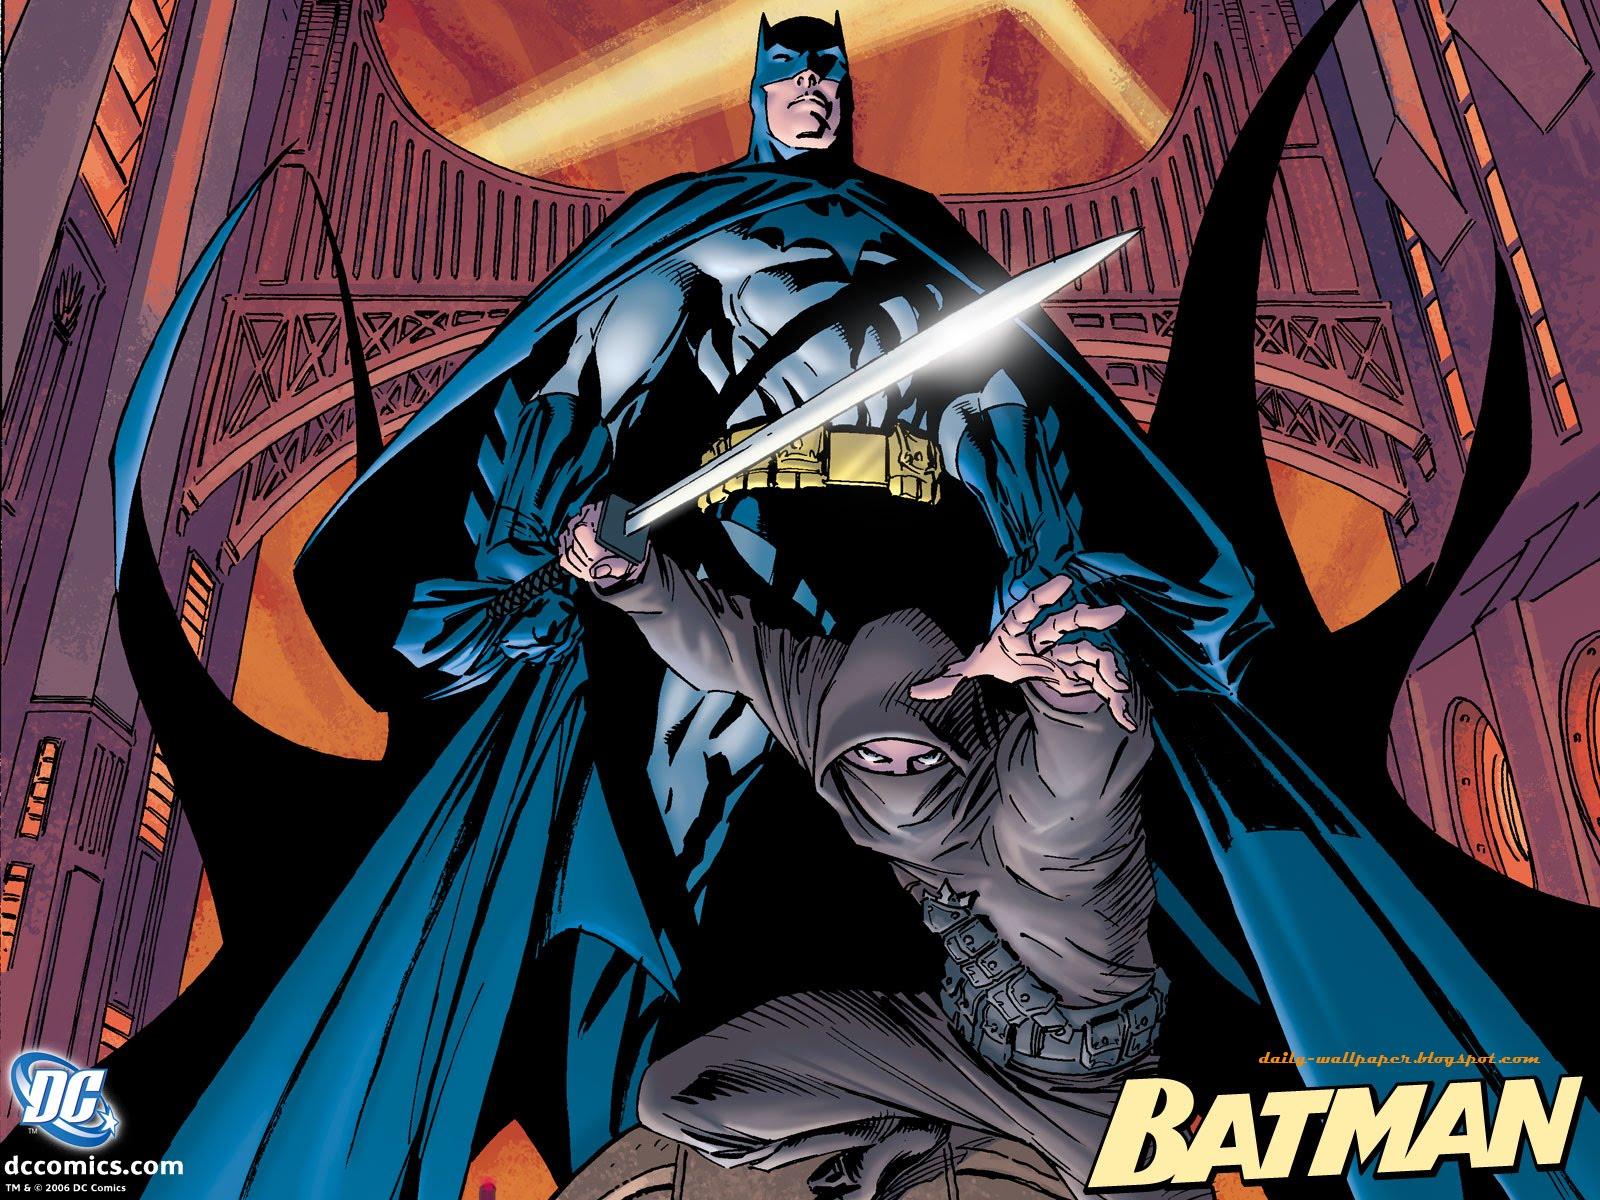 http://1.bp.blogspot.com/_V9XKgV6M6Qw/TIw5J-Q_bwI/AAAAAAAAAFE/Hvb3-_fqITo/s1600/Batman_658_1600x1200.jpg